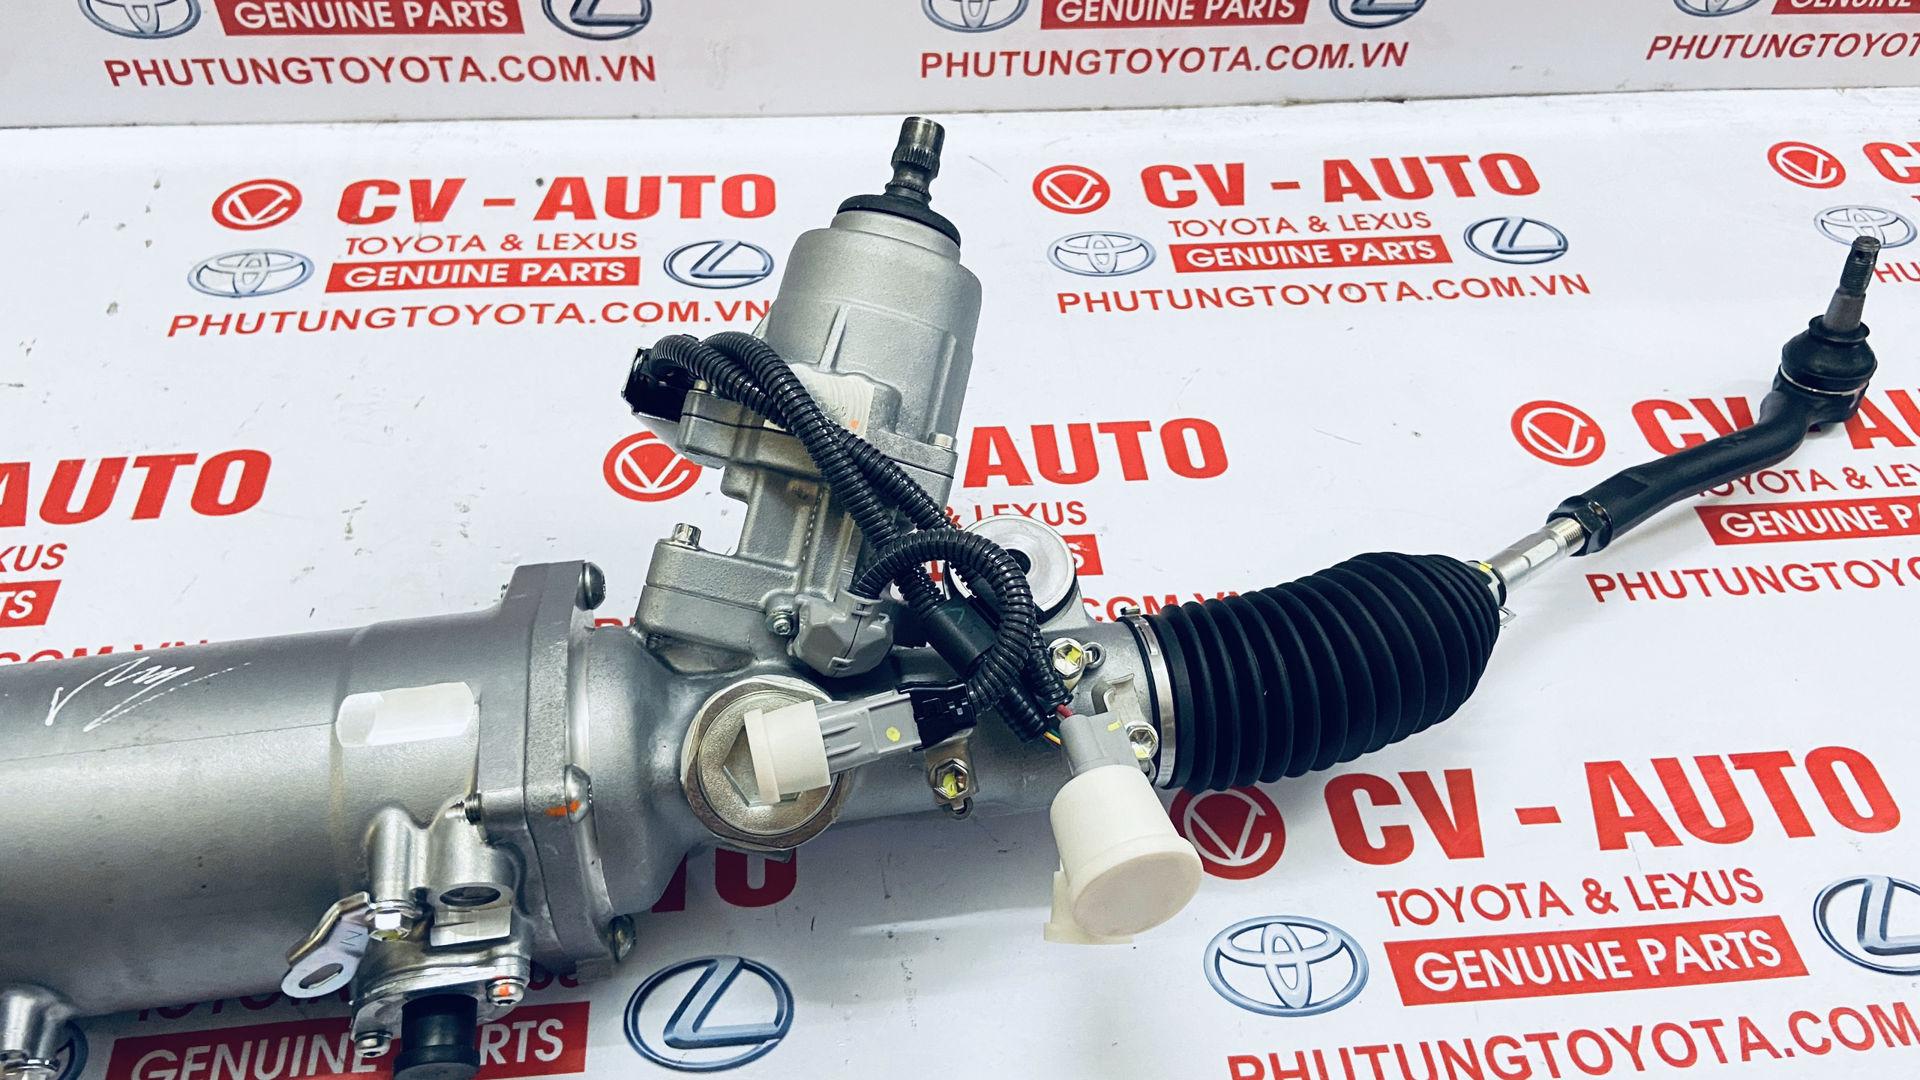 Picture of 44200-50390 Thước lái Lexus LS460 hàng chính hãng